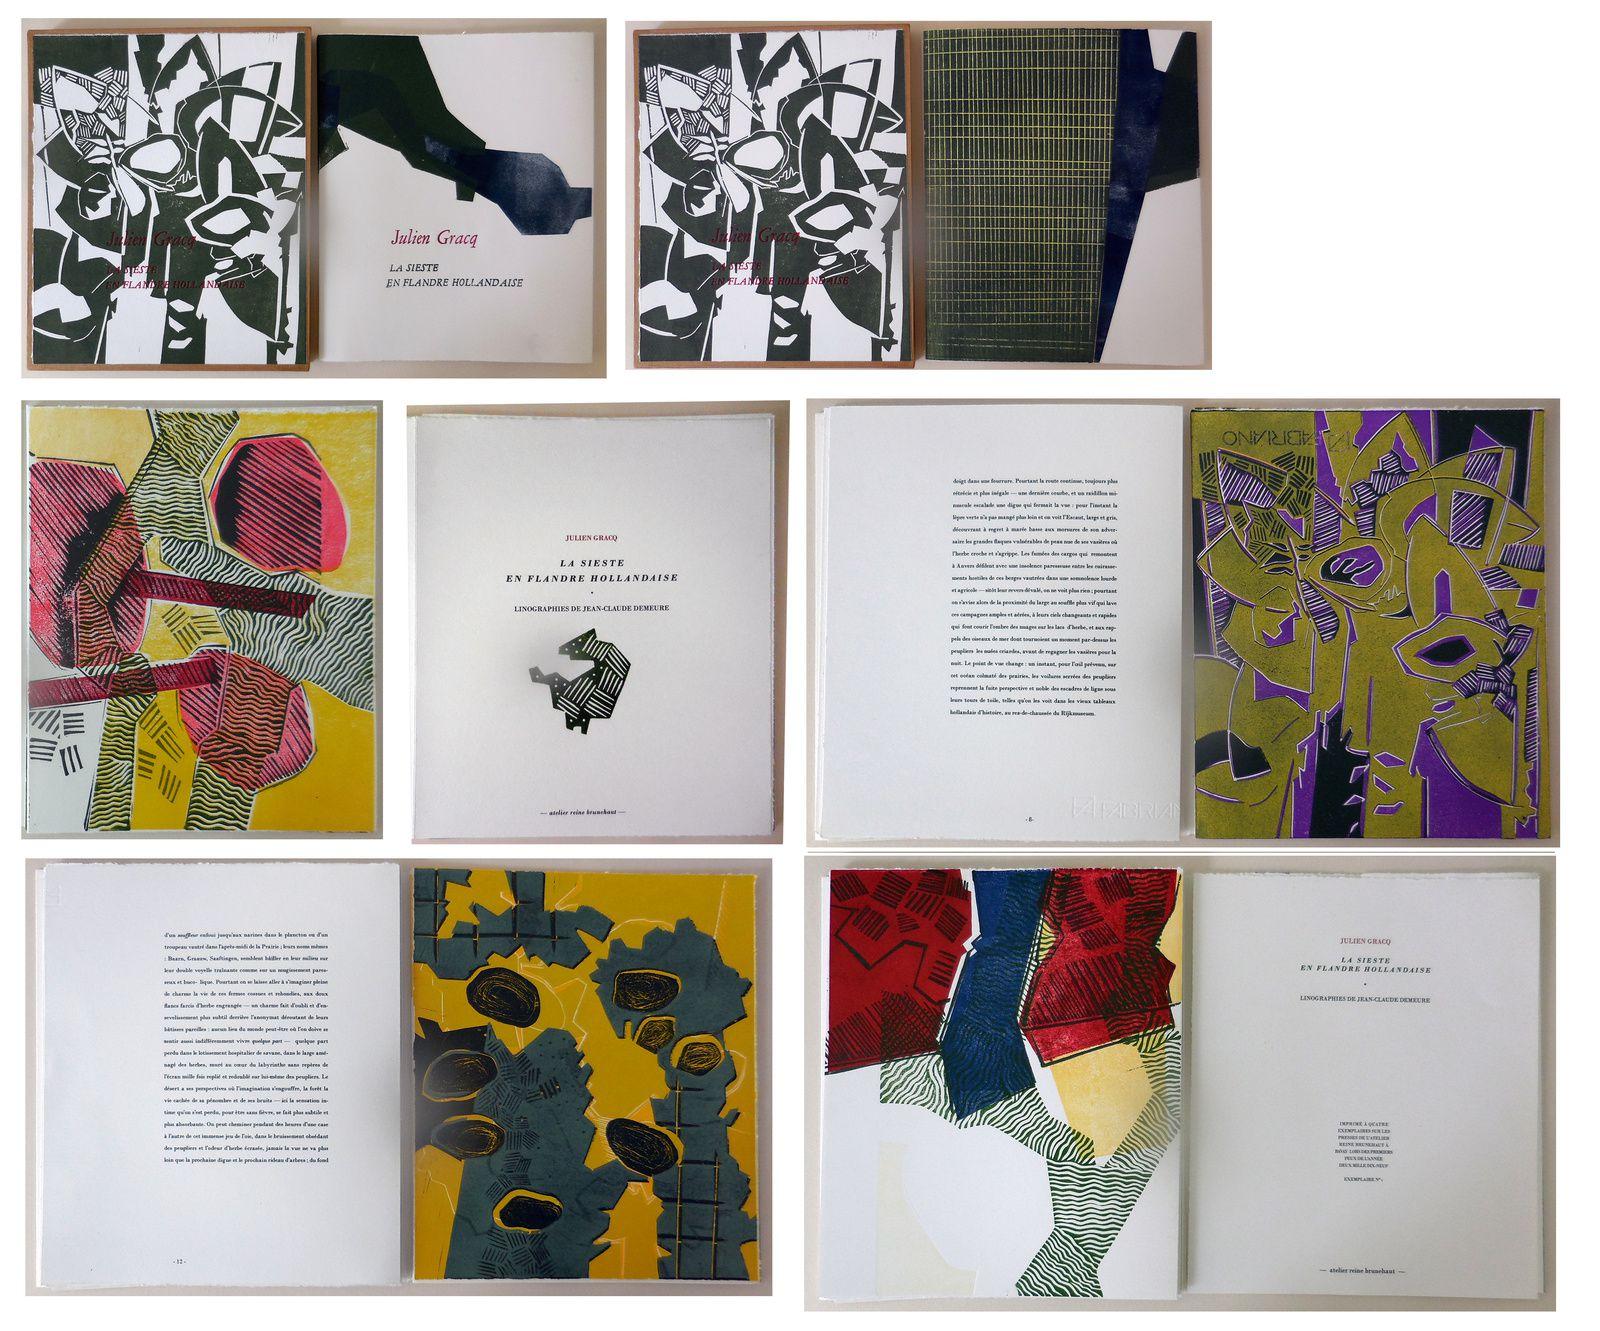 La sieste en Flandre Hollandaise, texte de Julien Gracq accompagné de 4 linogravures, 30 x 25 cm, 16 pages, édité à quatre exemplaires, 2019